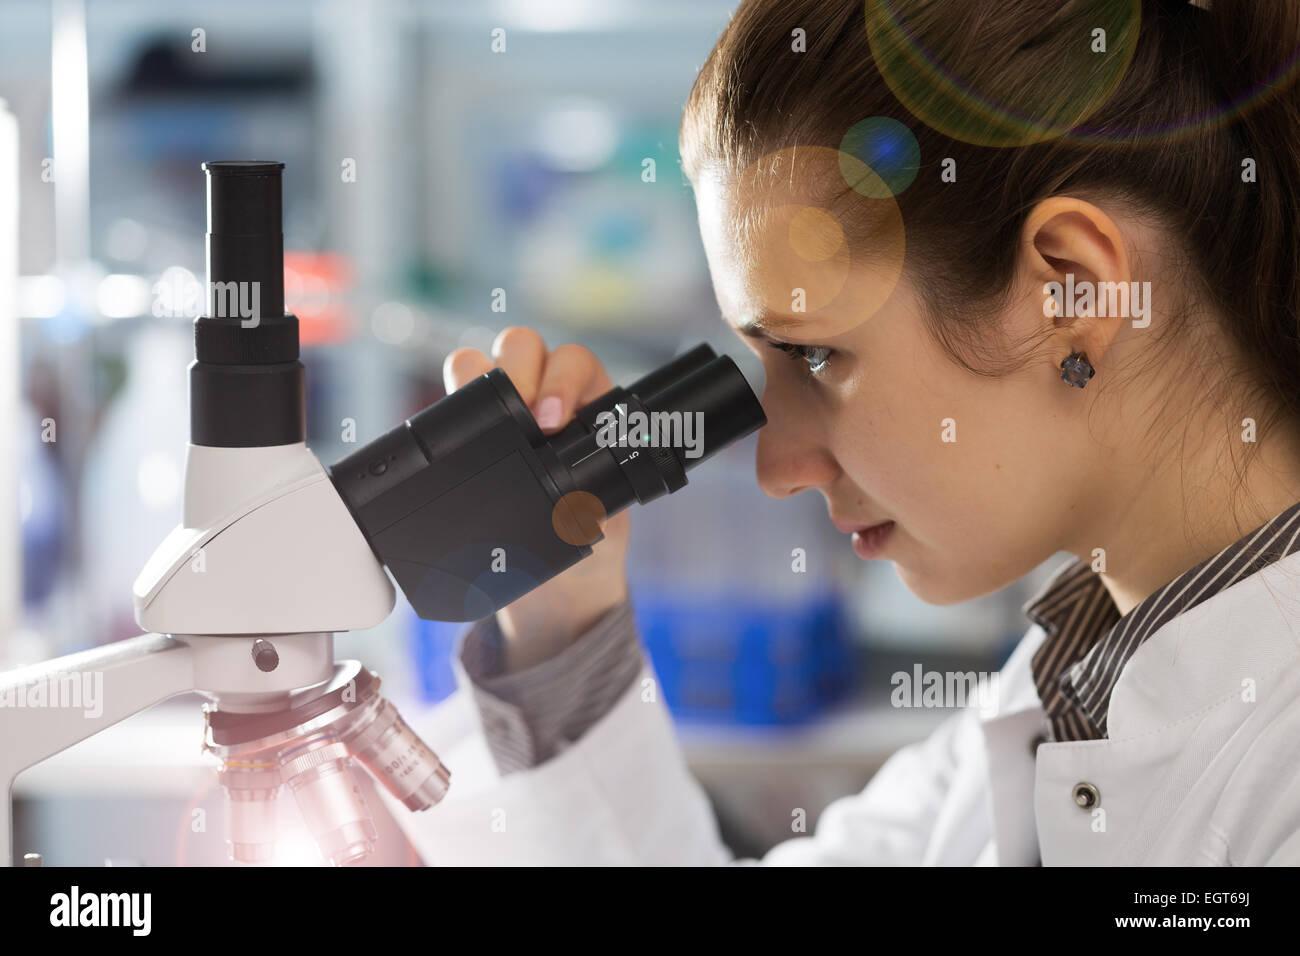 Wissenschaftler junge Frau unter Verwendung eines Mikroskops in einem wissenschaftlichen Labor Stockbild